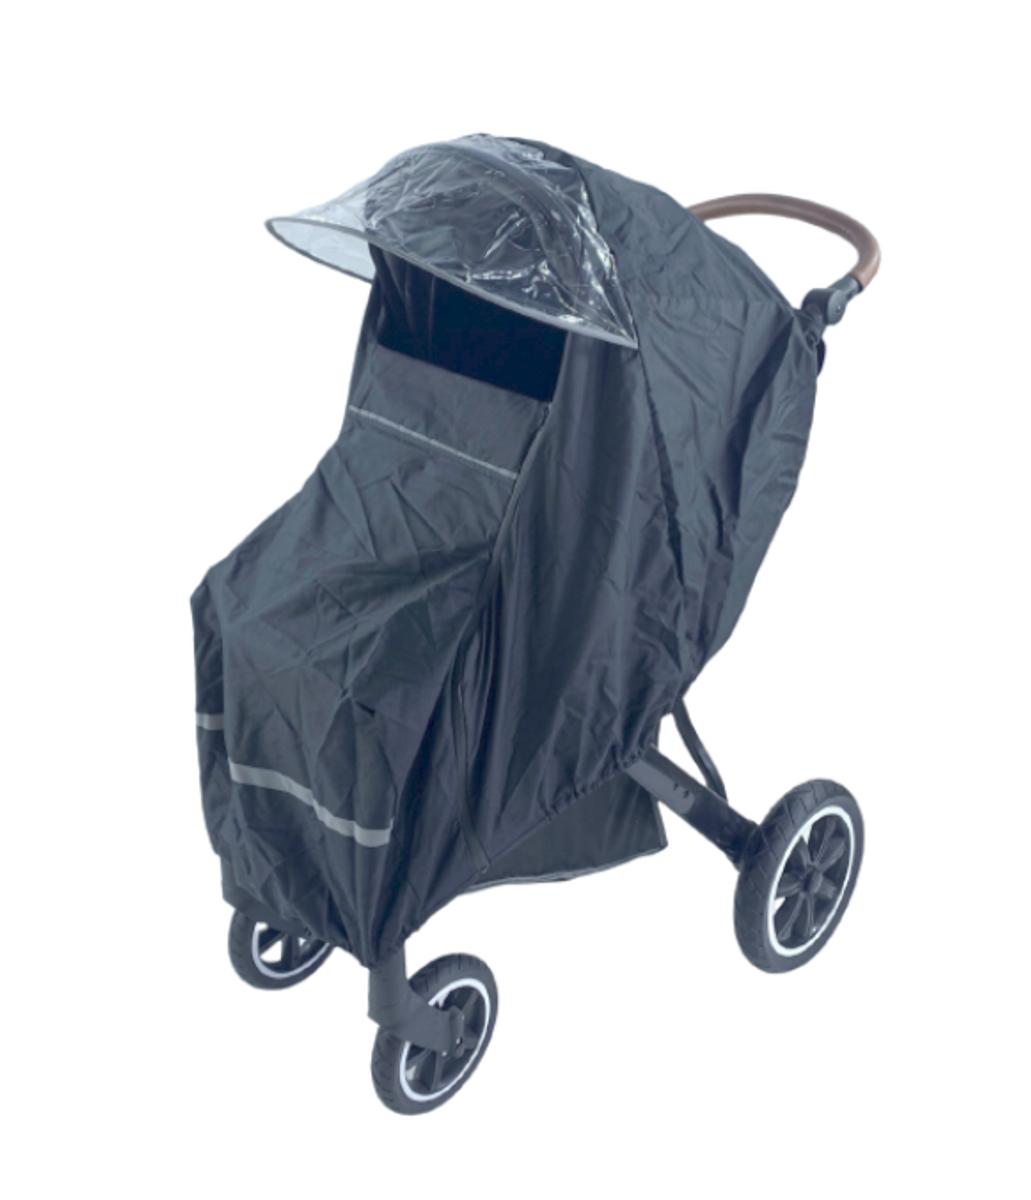 Troller Universal Regntrekk Deluxe